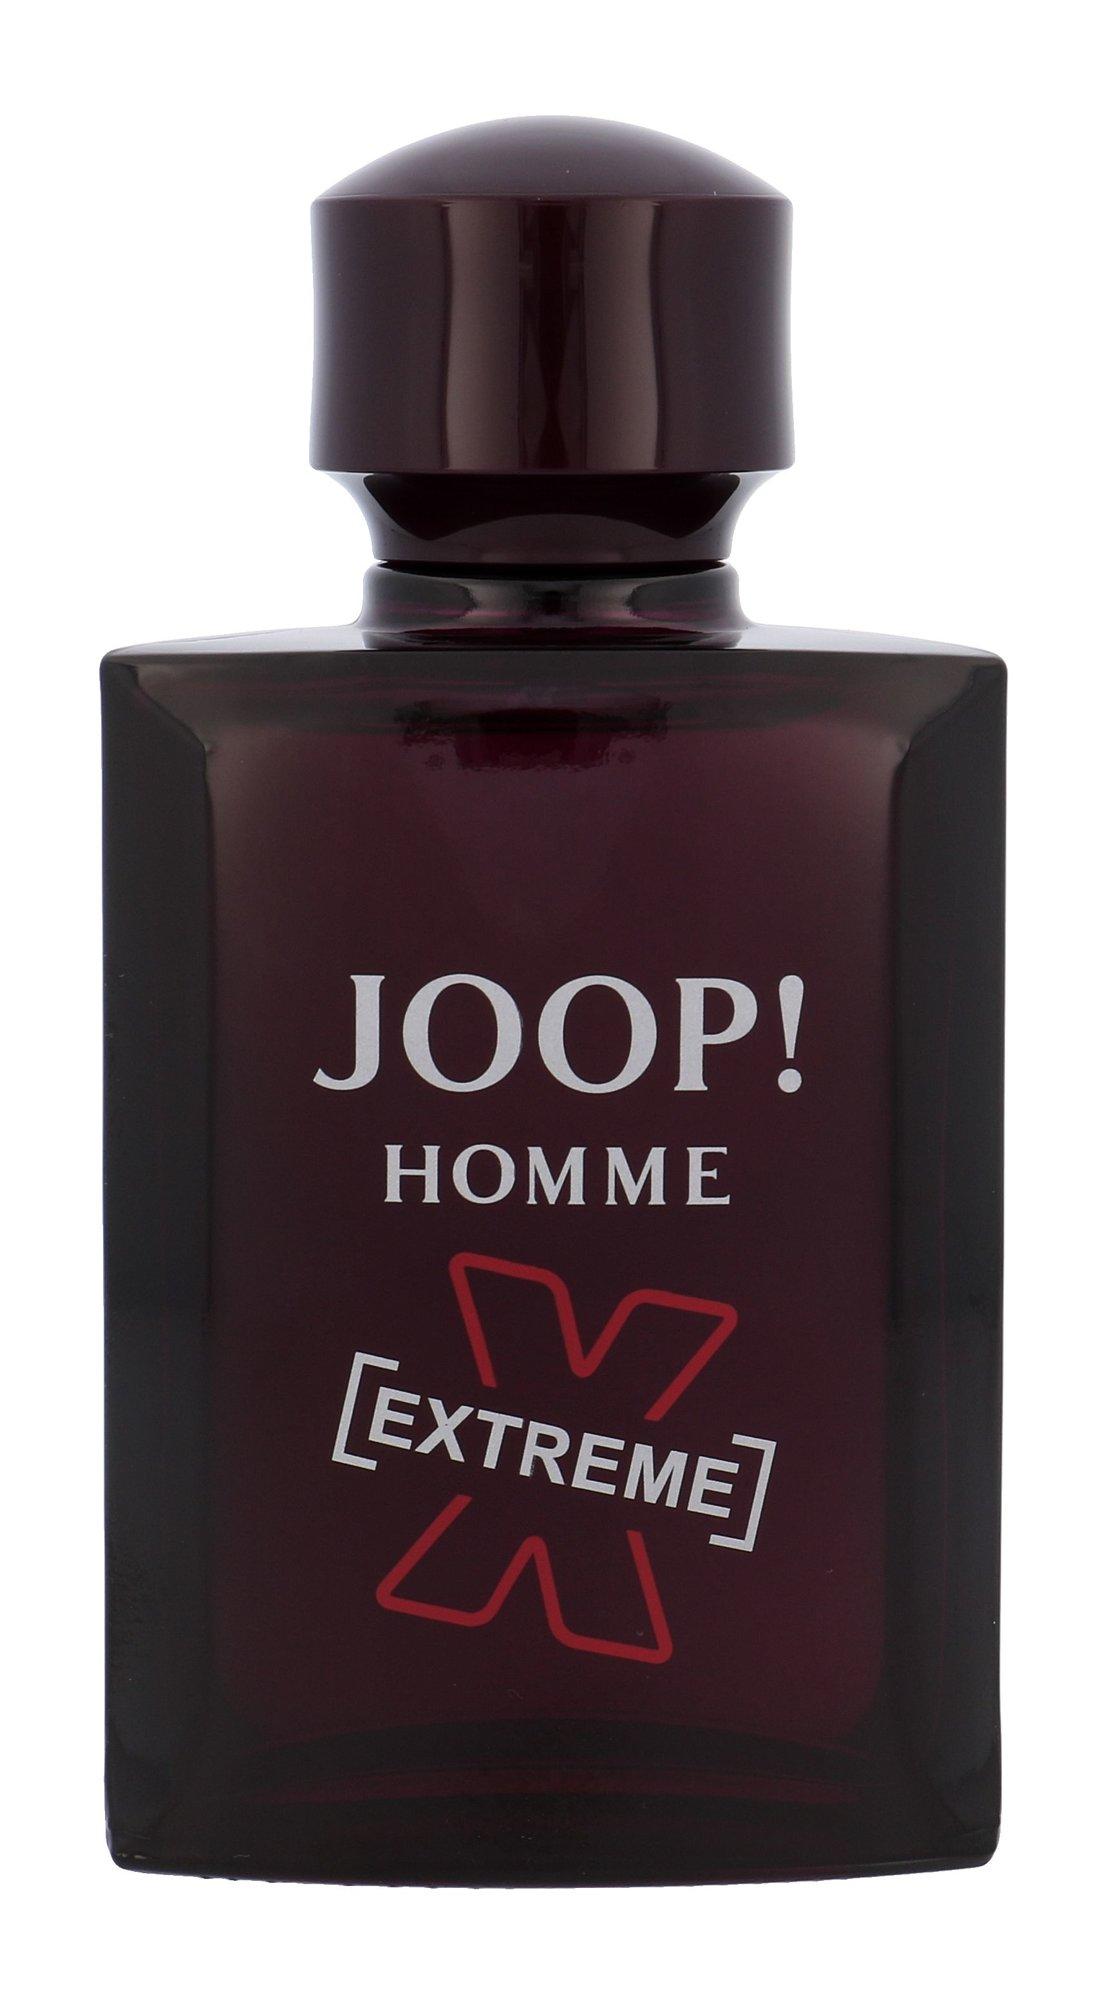 Joop Homme Extreme EDT 125ml